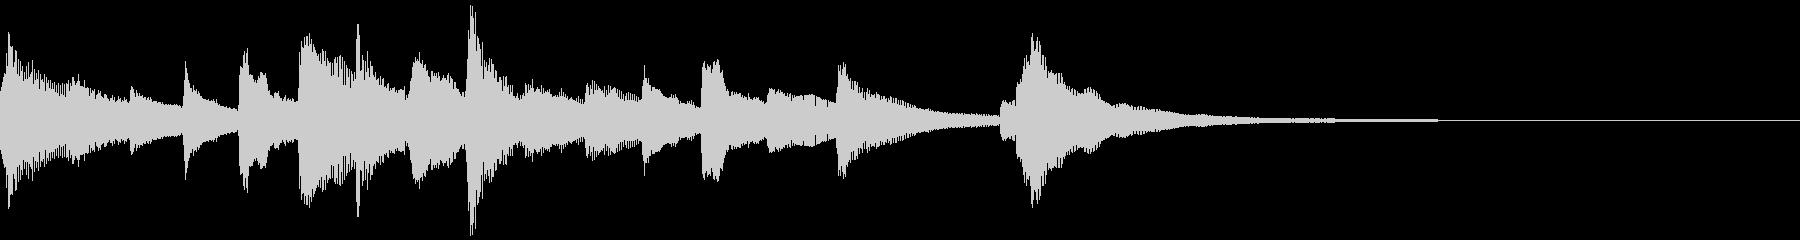 悲しくてきれいなピアノのジングル24の未再生の波形